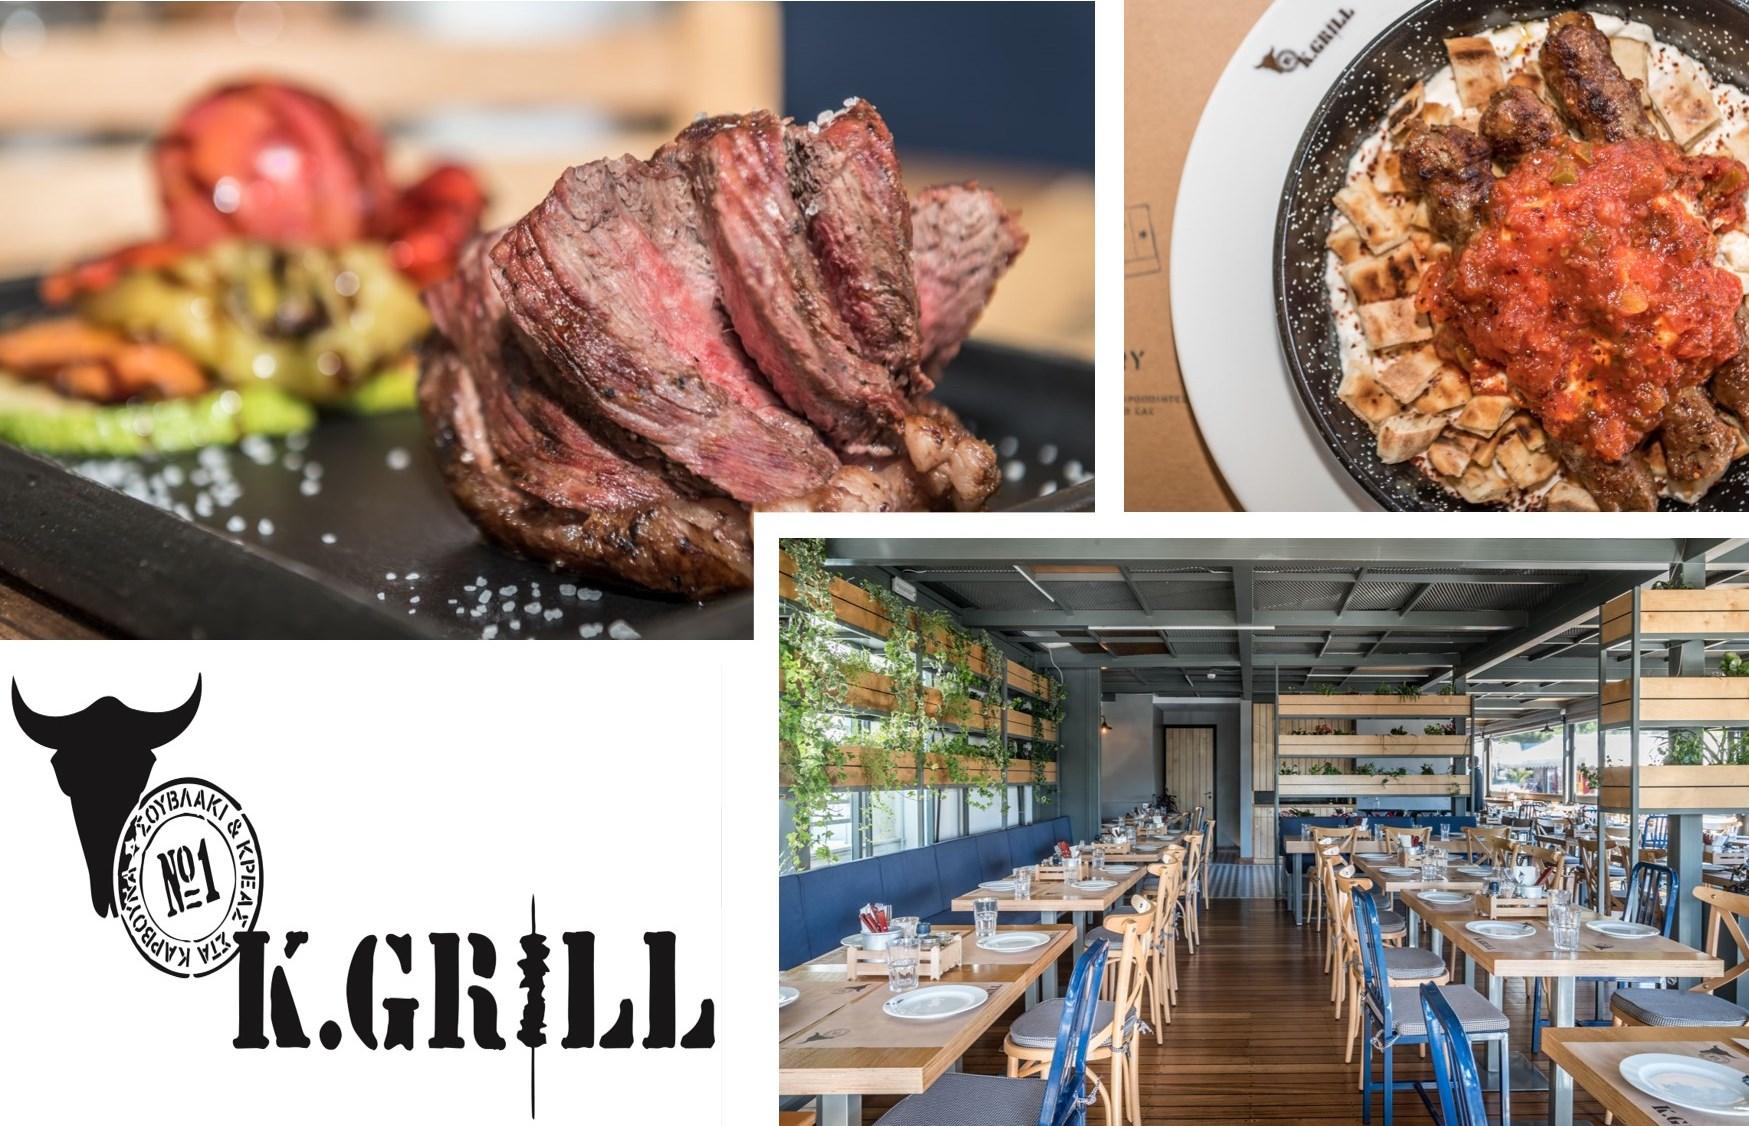 25€ από 51,5€ για πλήρες menu 2 ατόμων, στο διάσημο ''K.GRILL'', του ομίλου Καστελόριζο, τον αγαπημένο προορισμό όλων των κρεατοφάγων της Αθήνας, στη Βούλα εικόνα